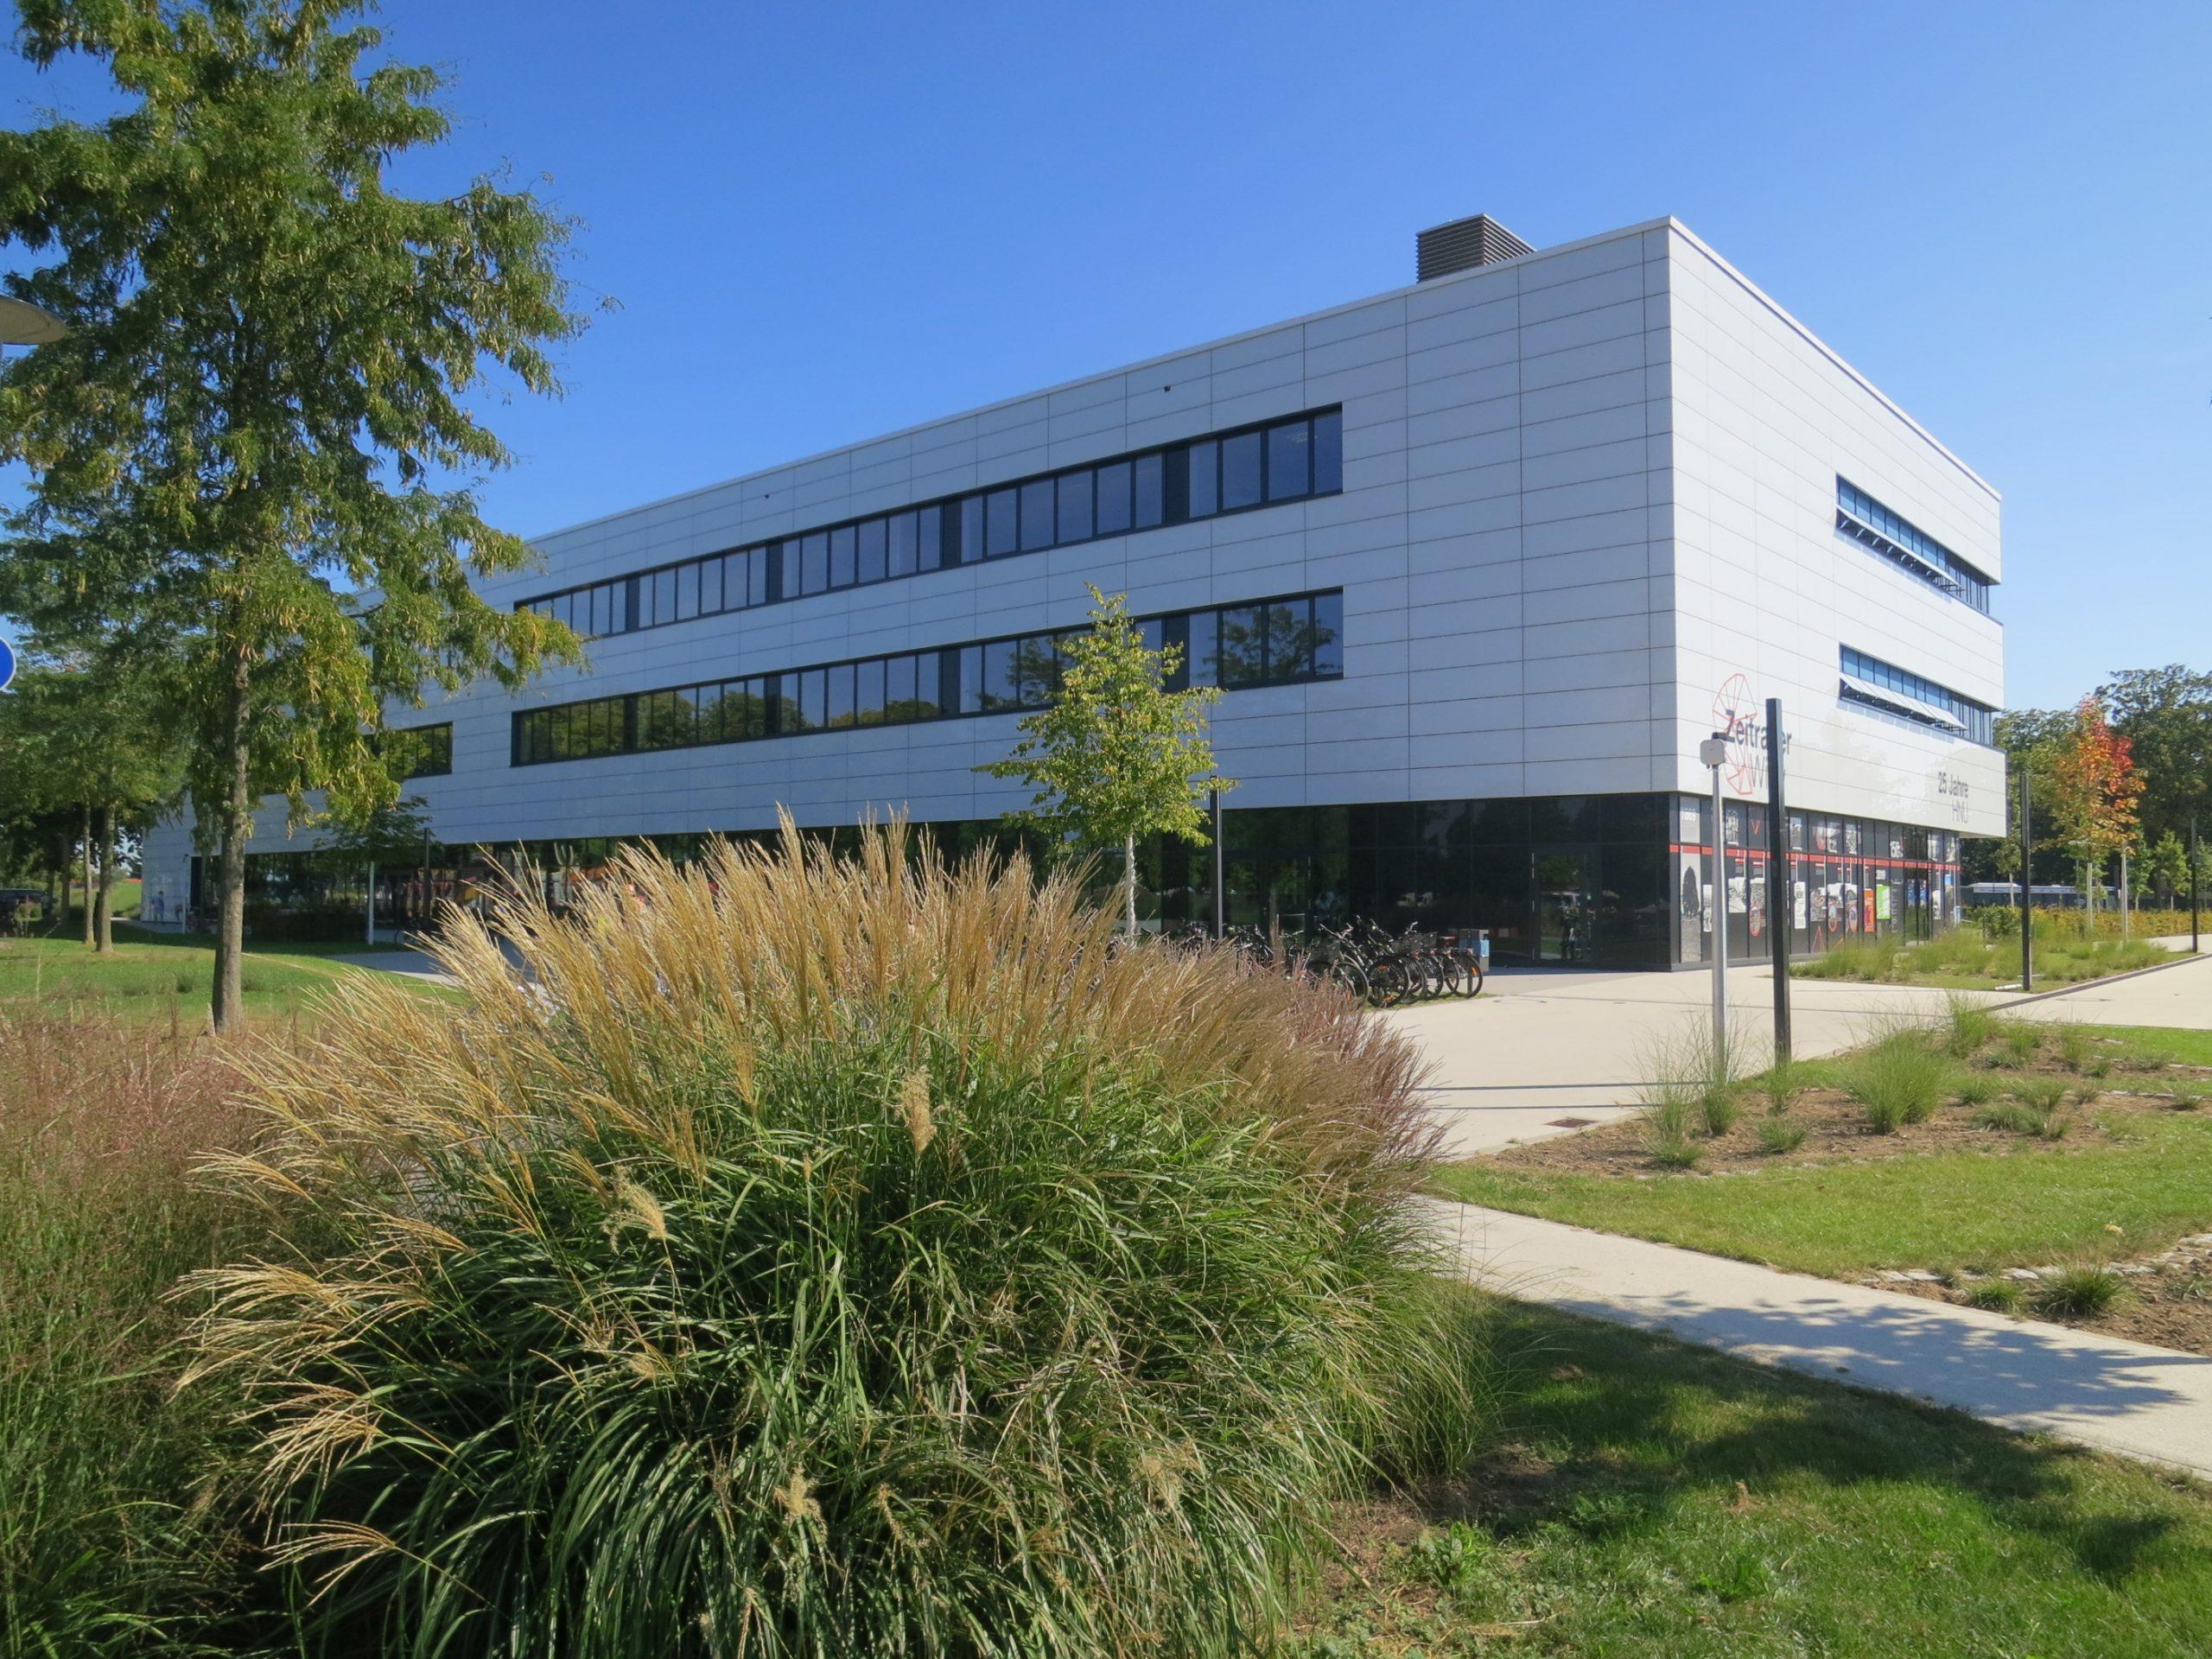 Erweiterung der Hochschule Neu-Ulm – jedoch mit Diskussionspunkten